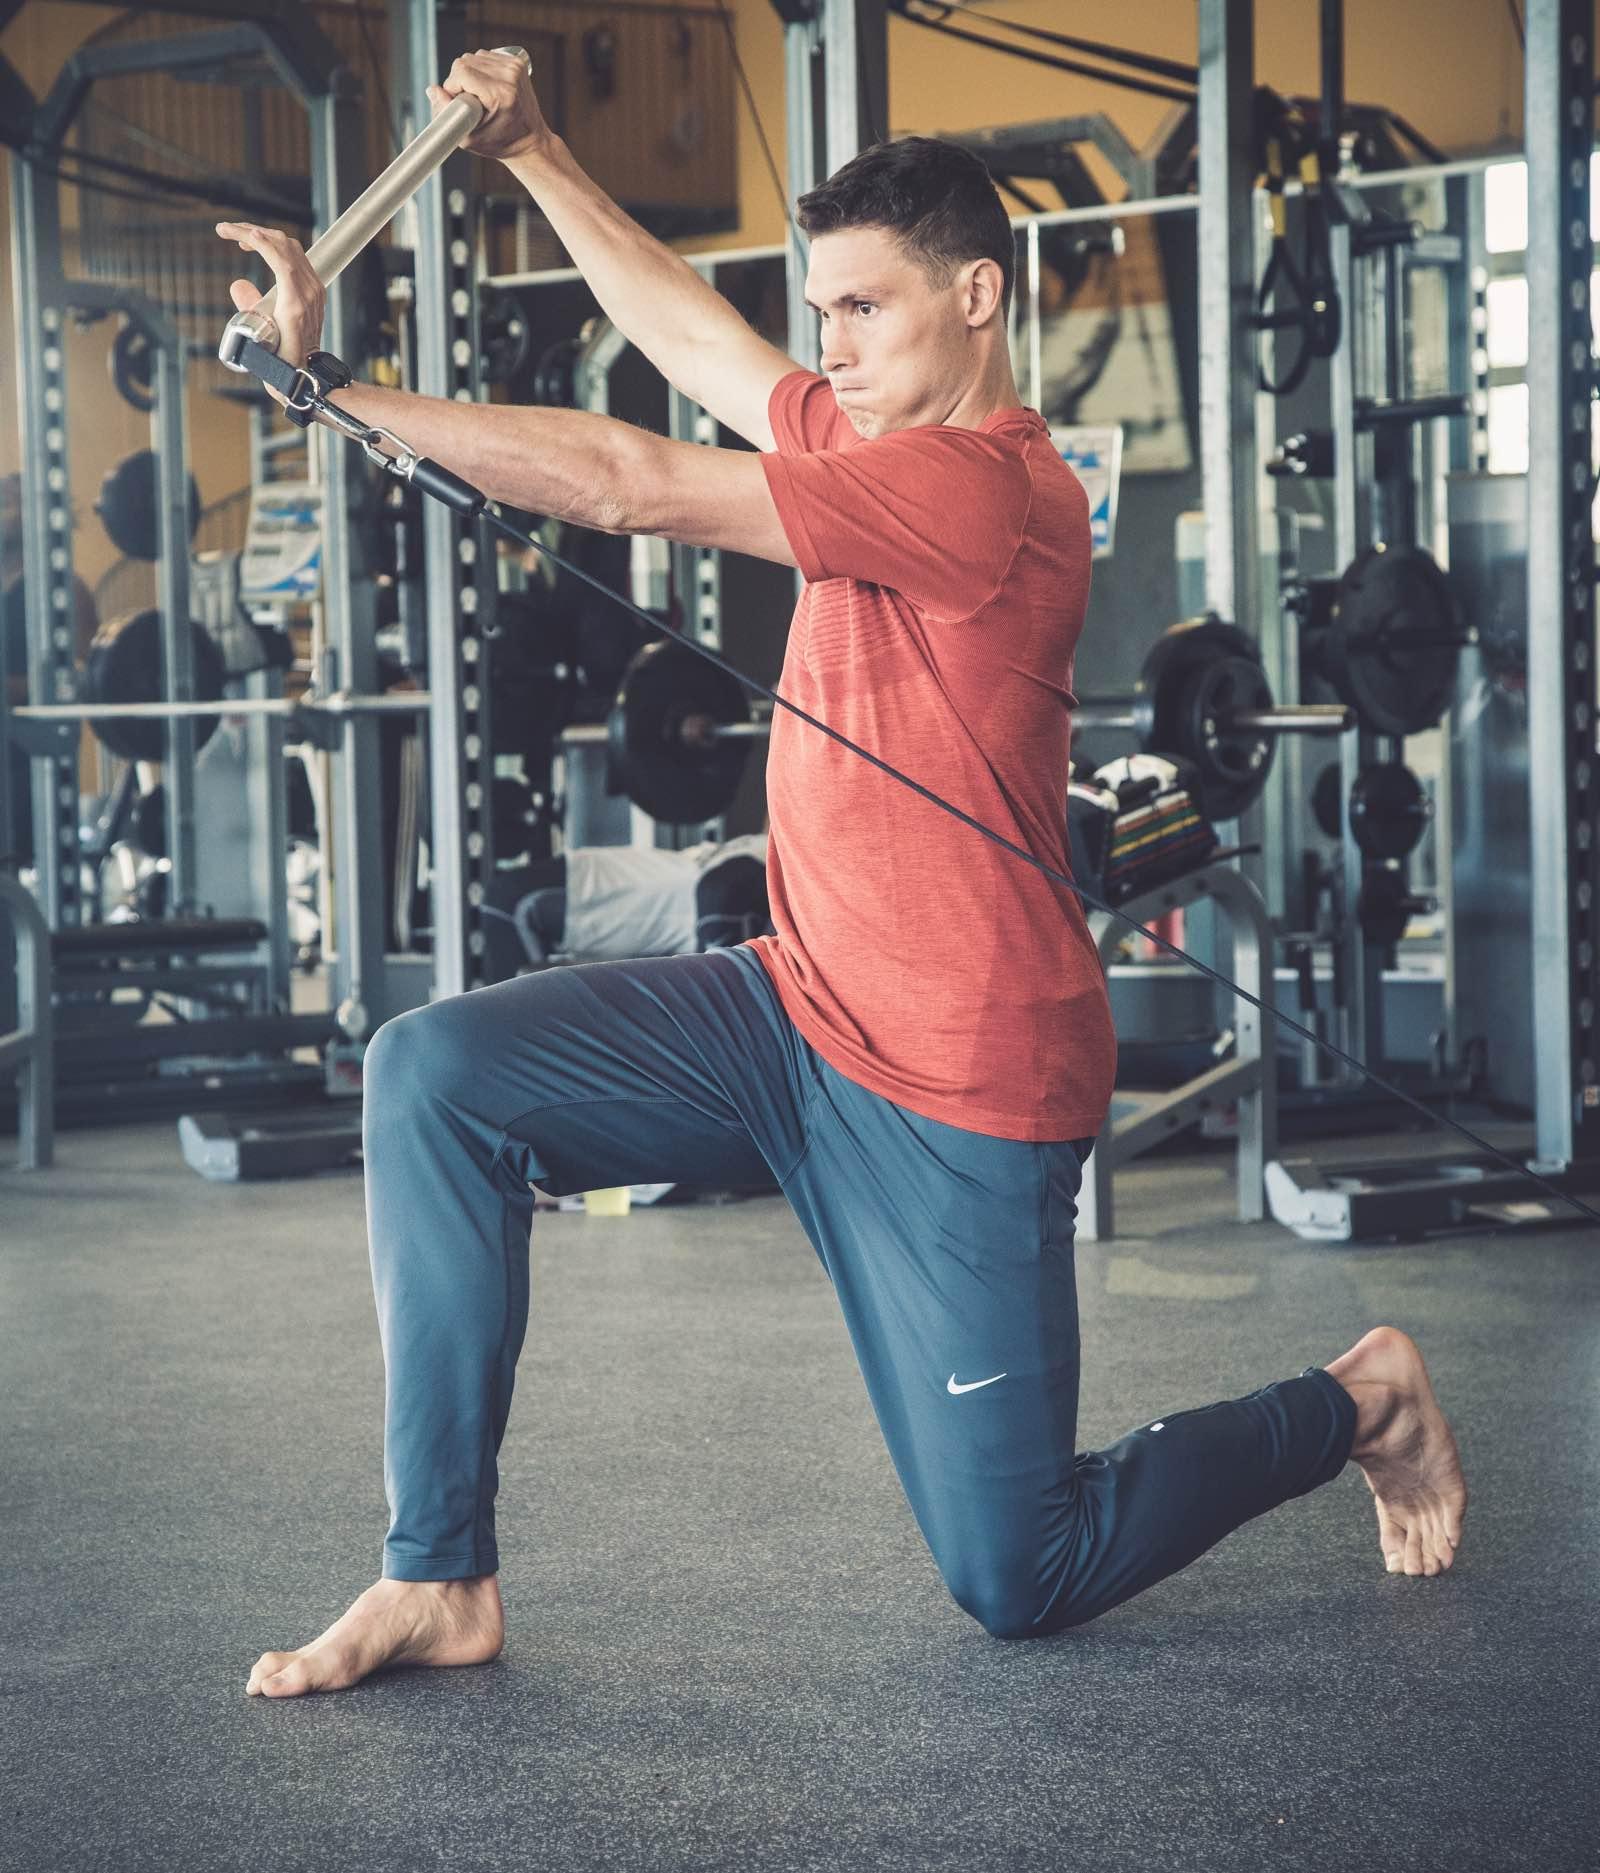 Sensomotorisches Training und Sprunggelenk